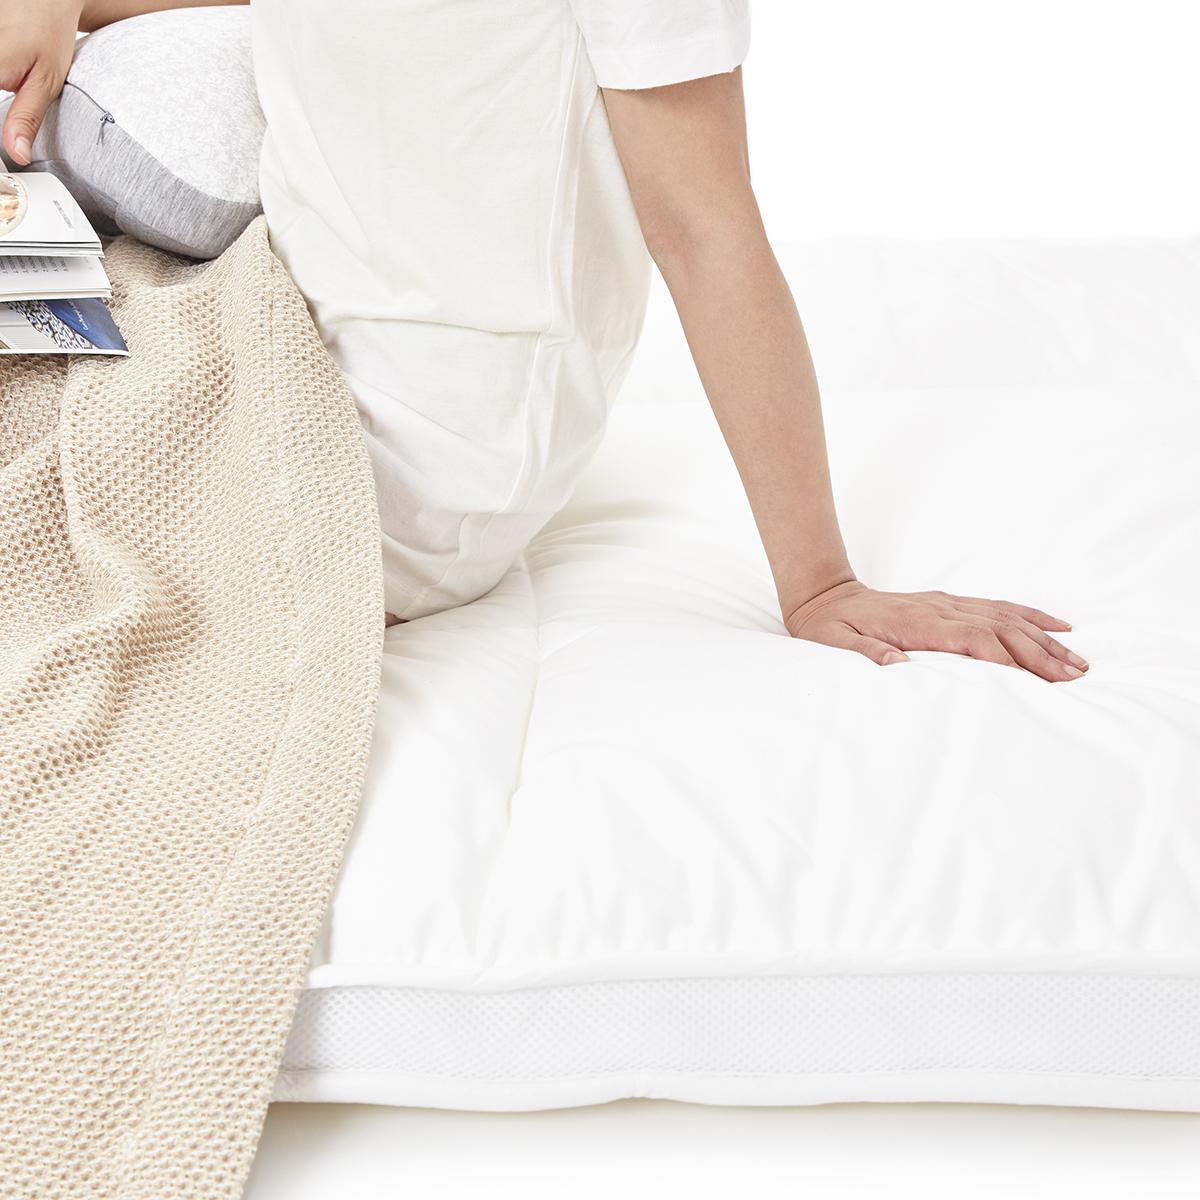 「朝から元気!」をくれる体圧分散マットレス   整形外科の名医が考案、「柔硬2層構造」で体がラク